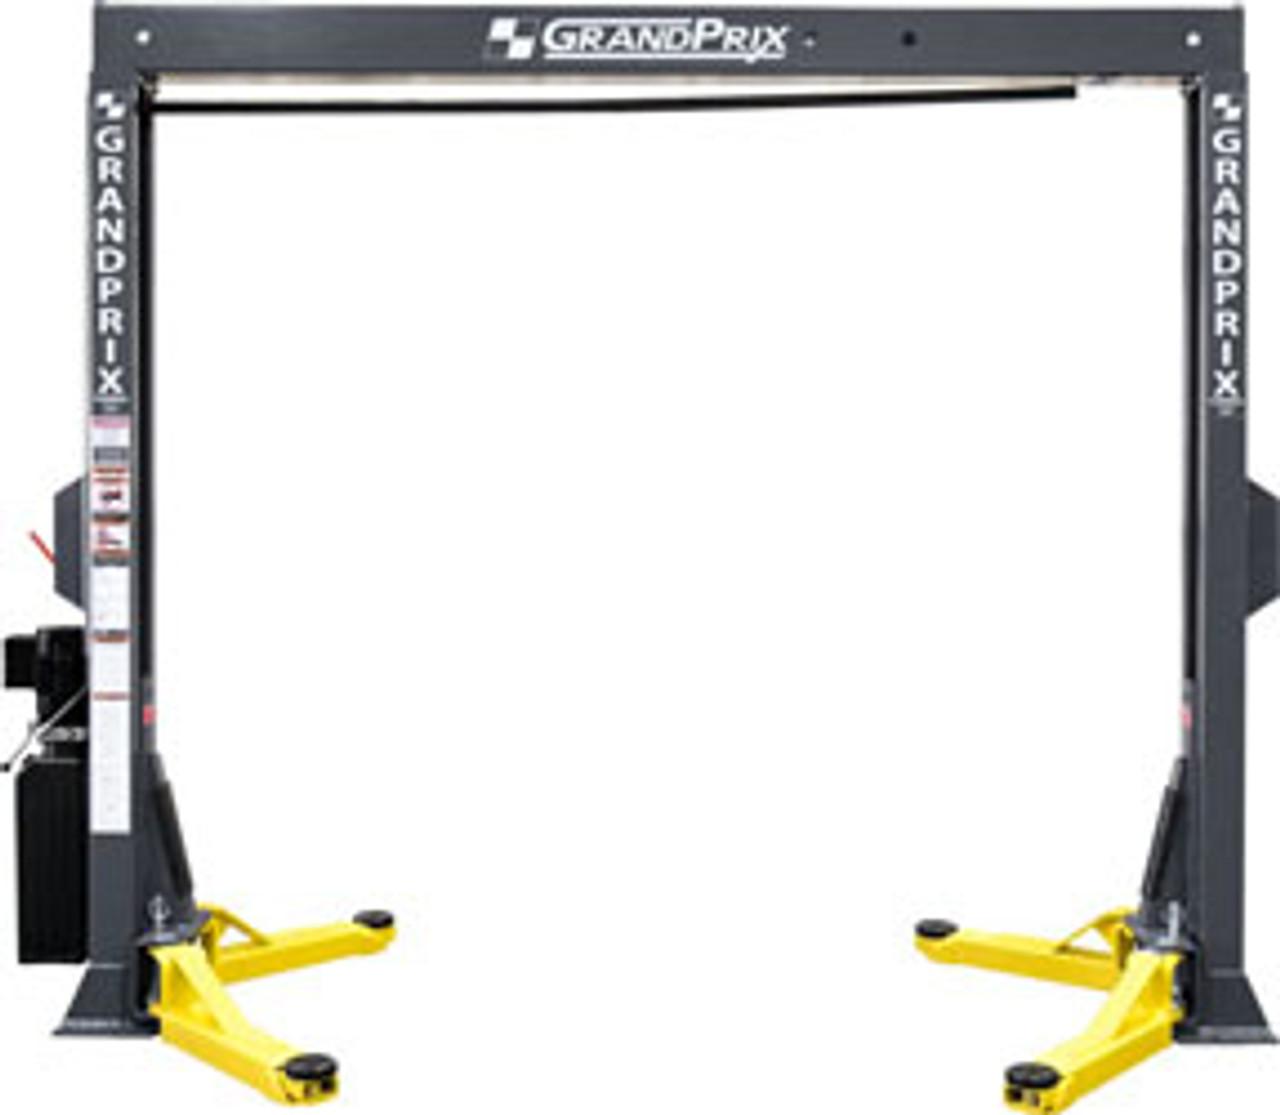 BendPak GrandPrix™ GP-7LCS Bi-metric™ Narrow Bays & Low Ceilings 2 Post Lift